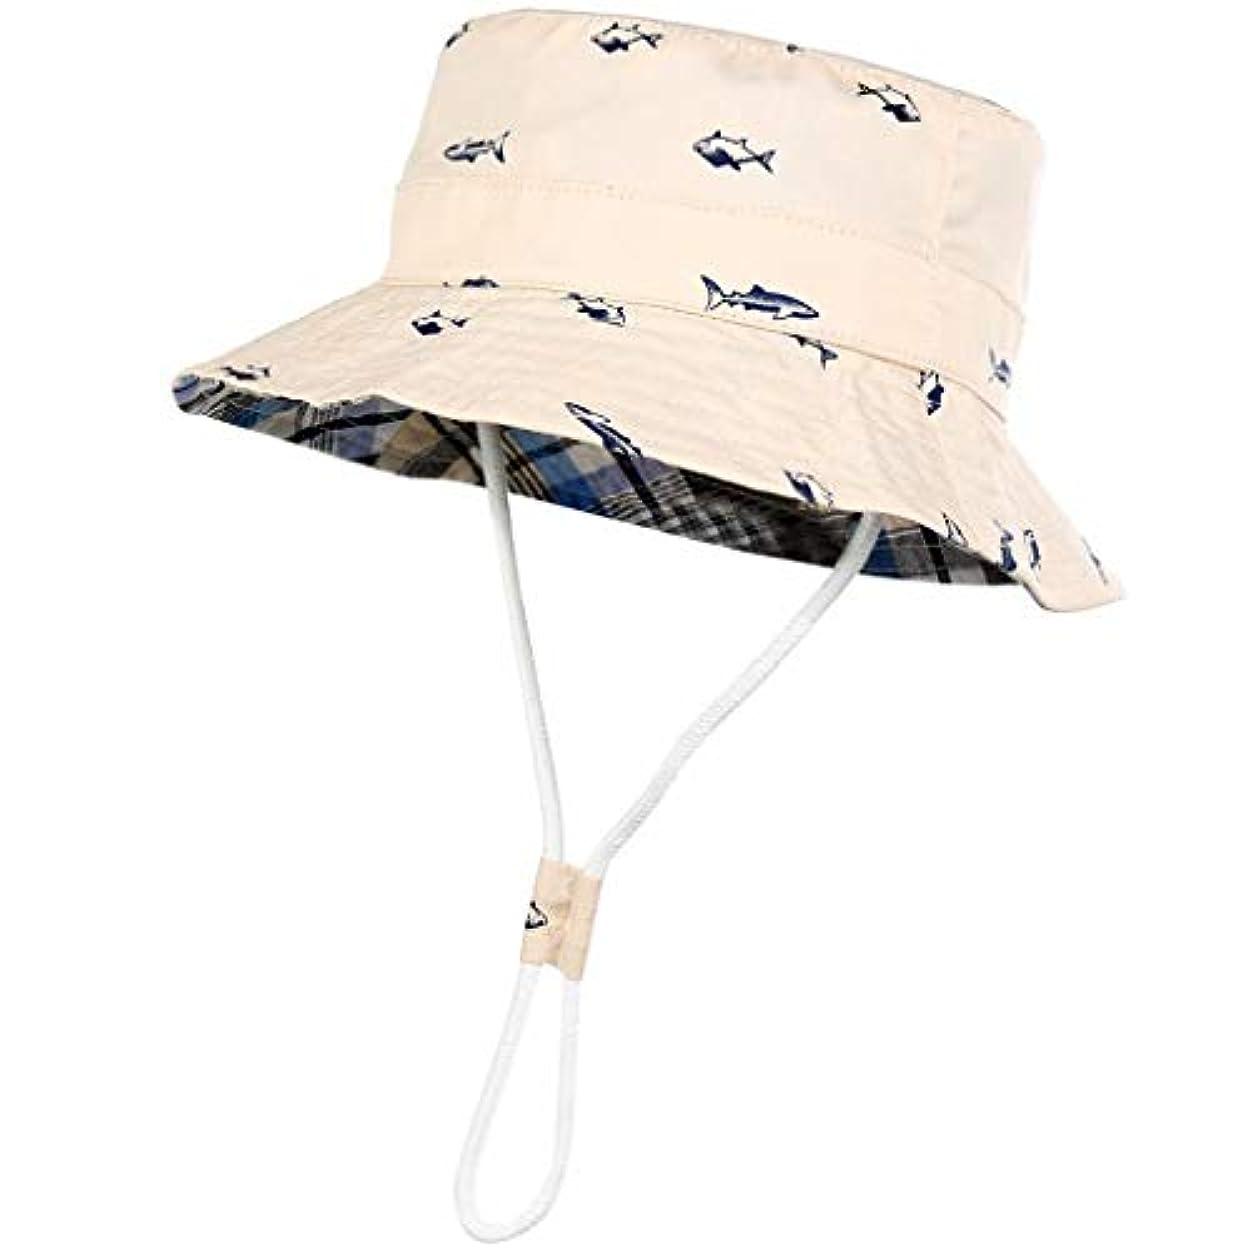 もし熱意鳥帽子 ハット 幼児の赤ん坊の子供の女の子の男の子の格子縞のリボンの通気性の帽子のバケツの帽子